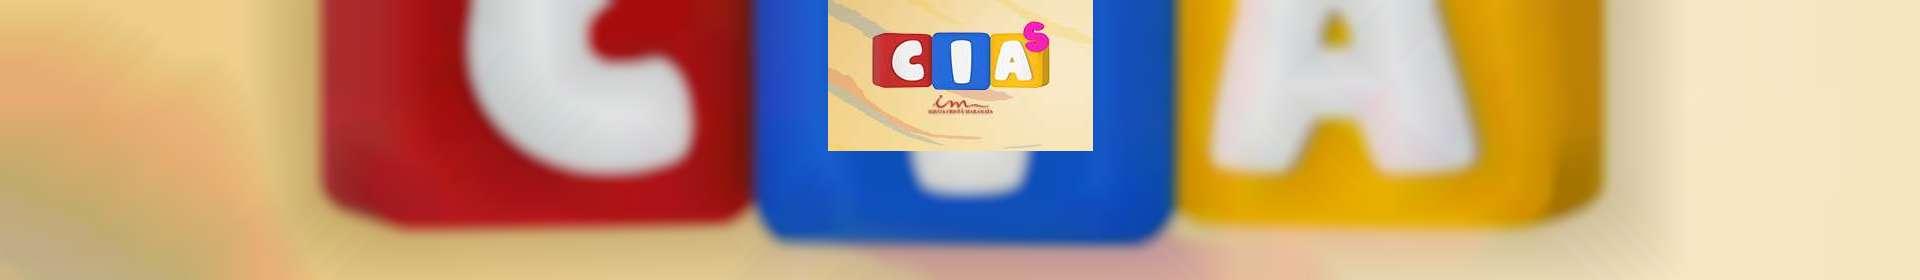 Aula de CIAS: classe de 07 a 11 anos - 23 de abril de 2020